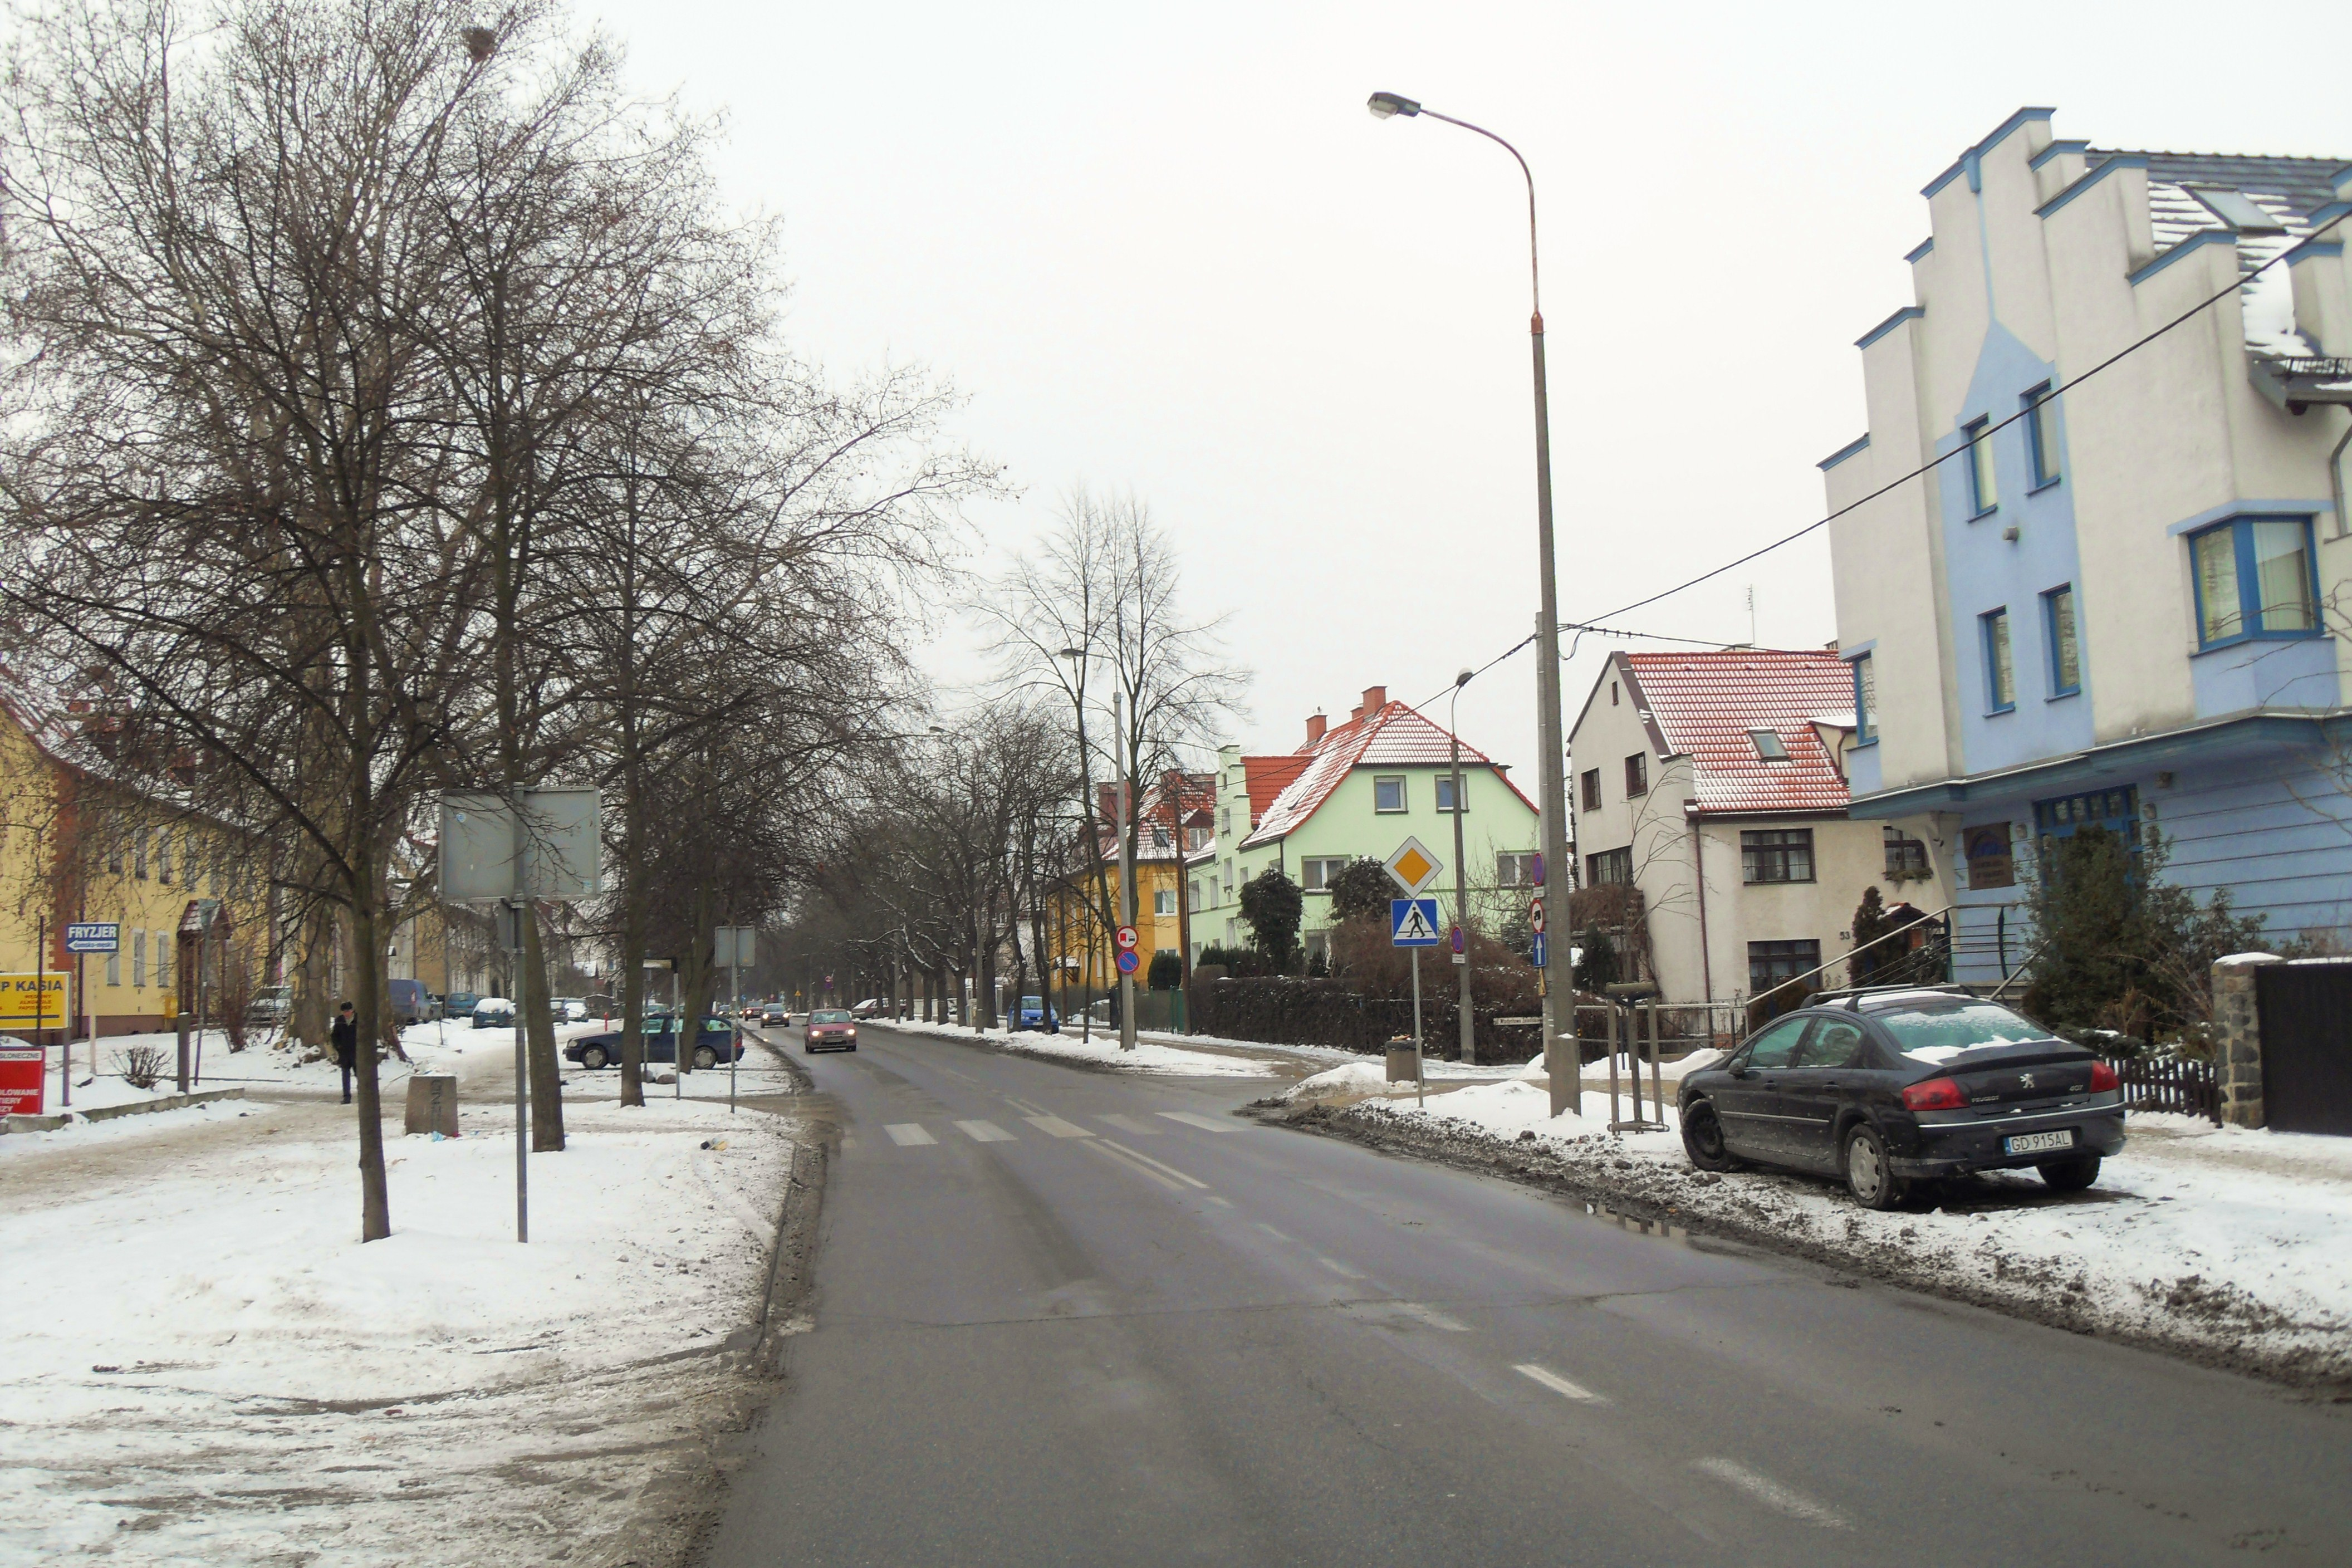 Filegdańsk Ulica Chrzanowskiegojpg Wikimedia Commons